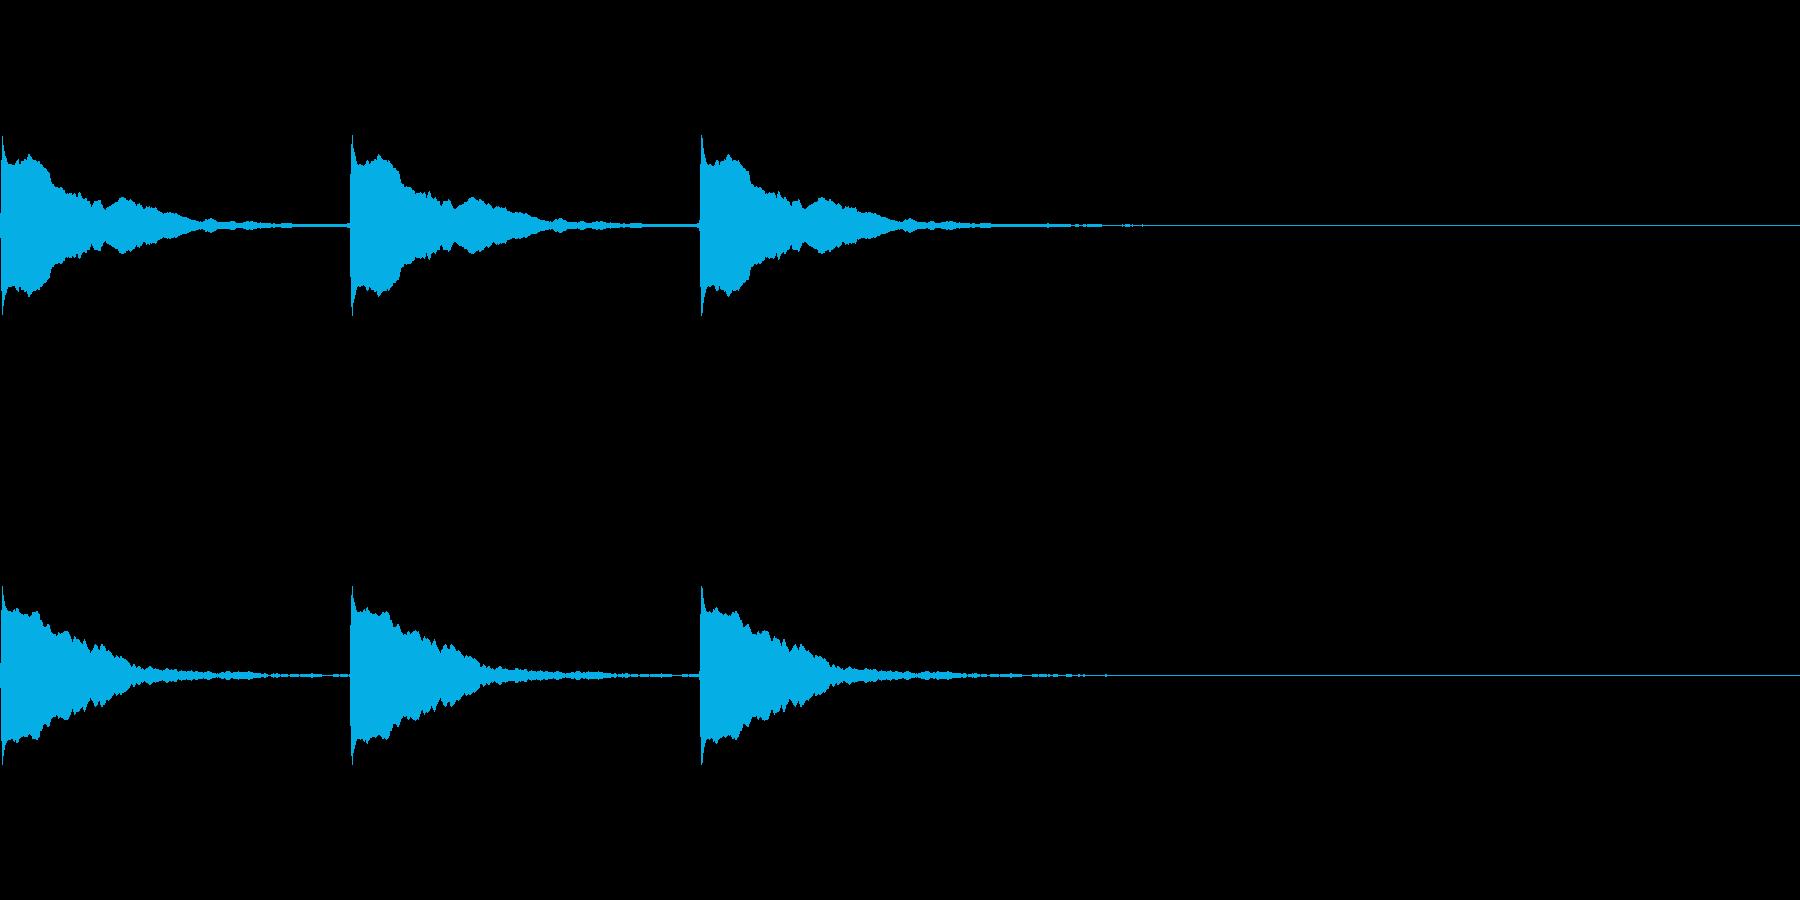 ポーン×3(ポイントを表示する時などに)の再生済みの波形